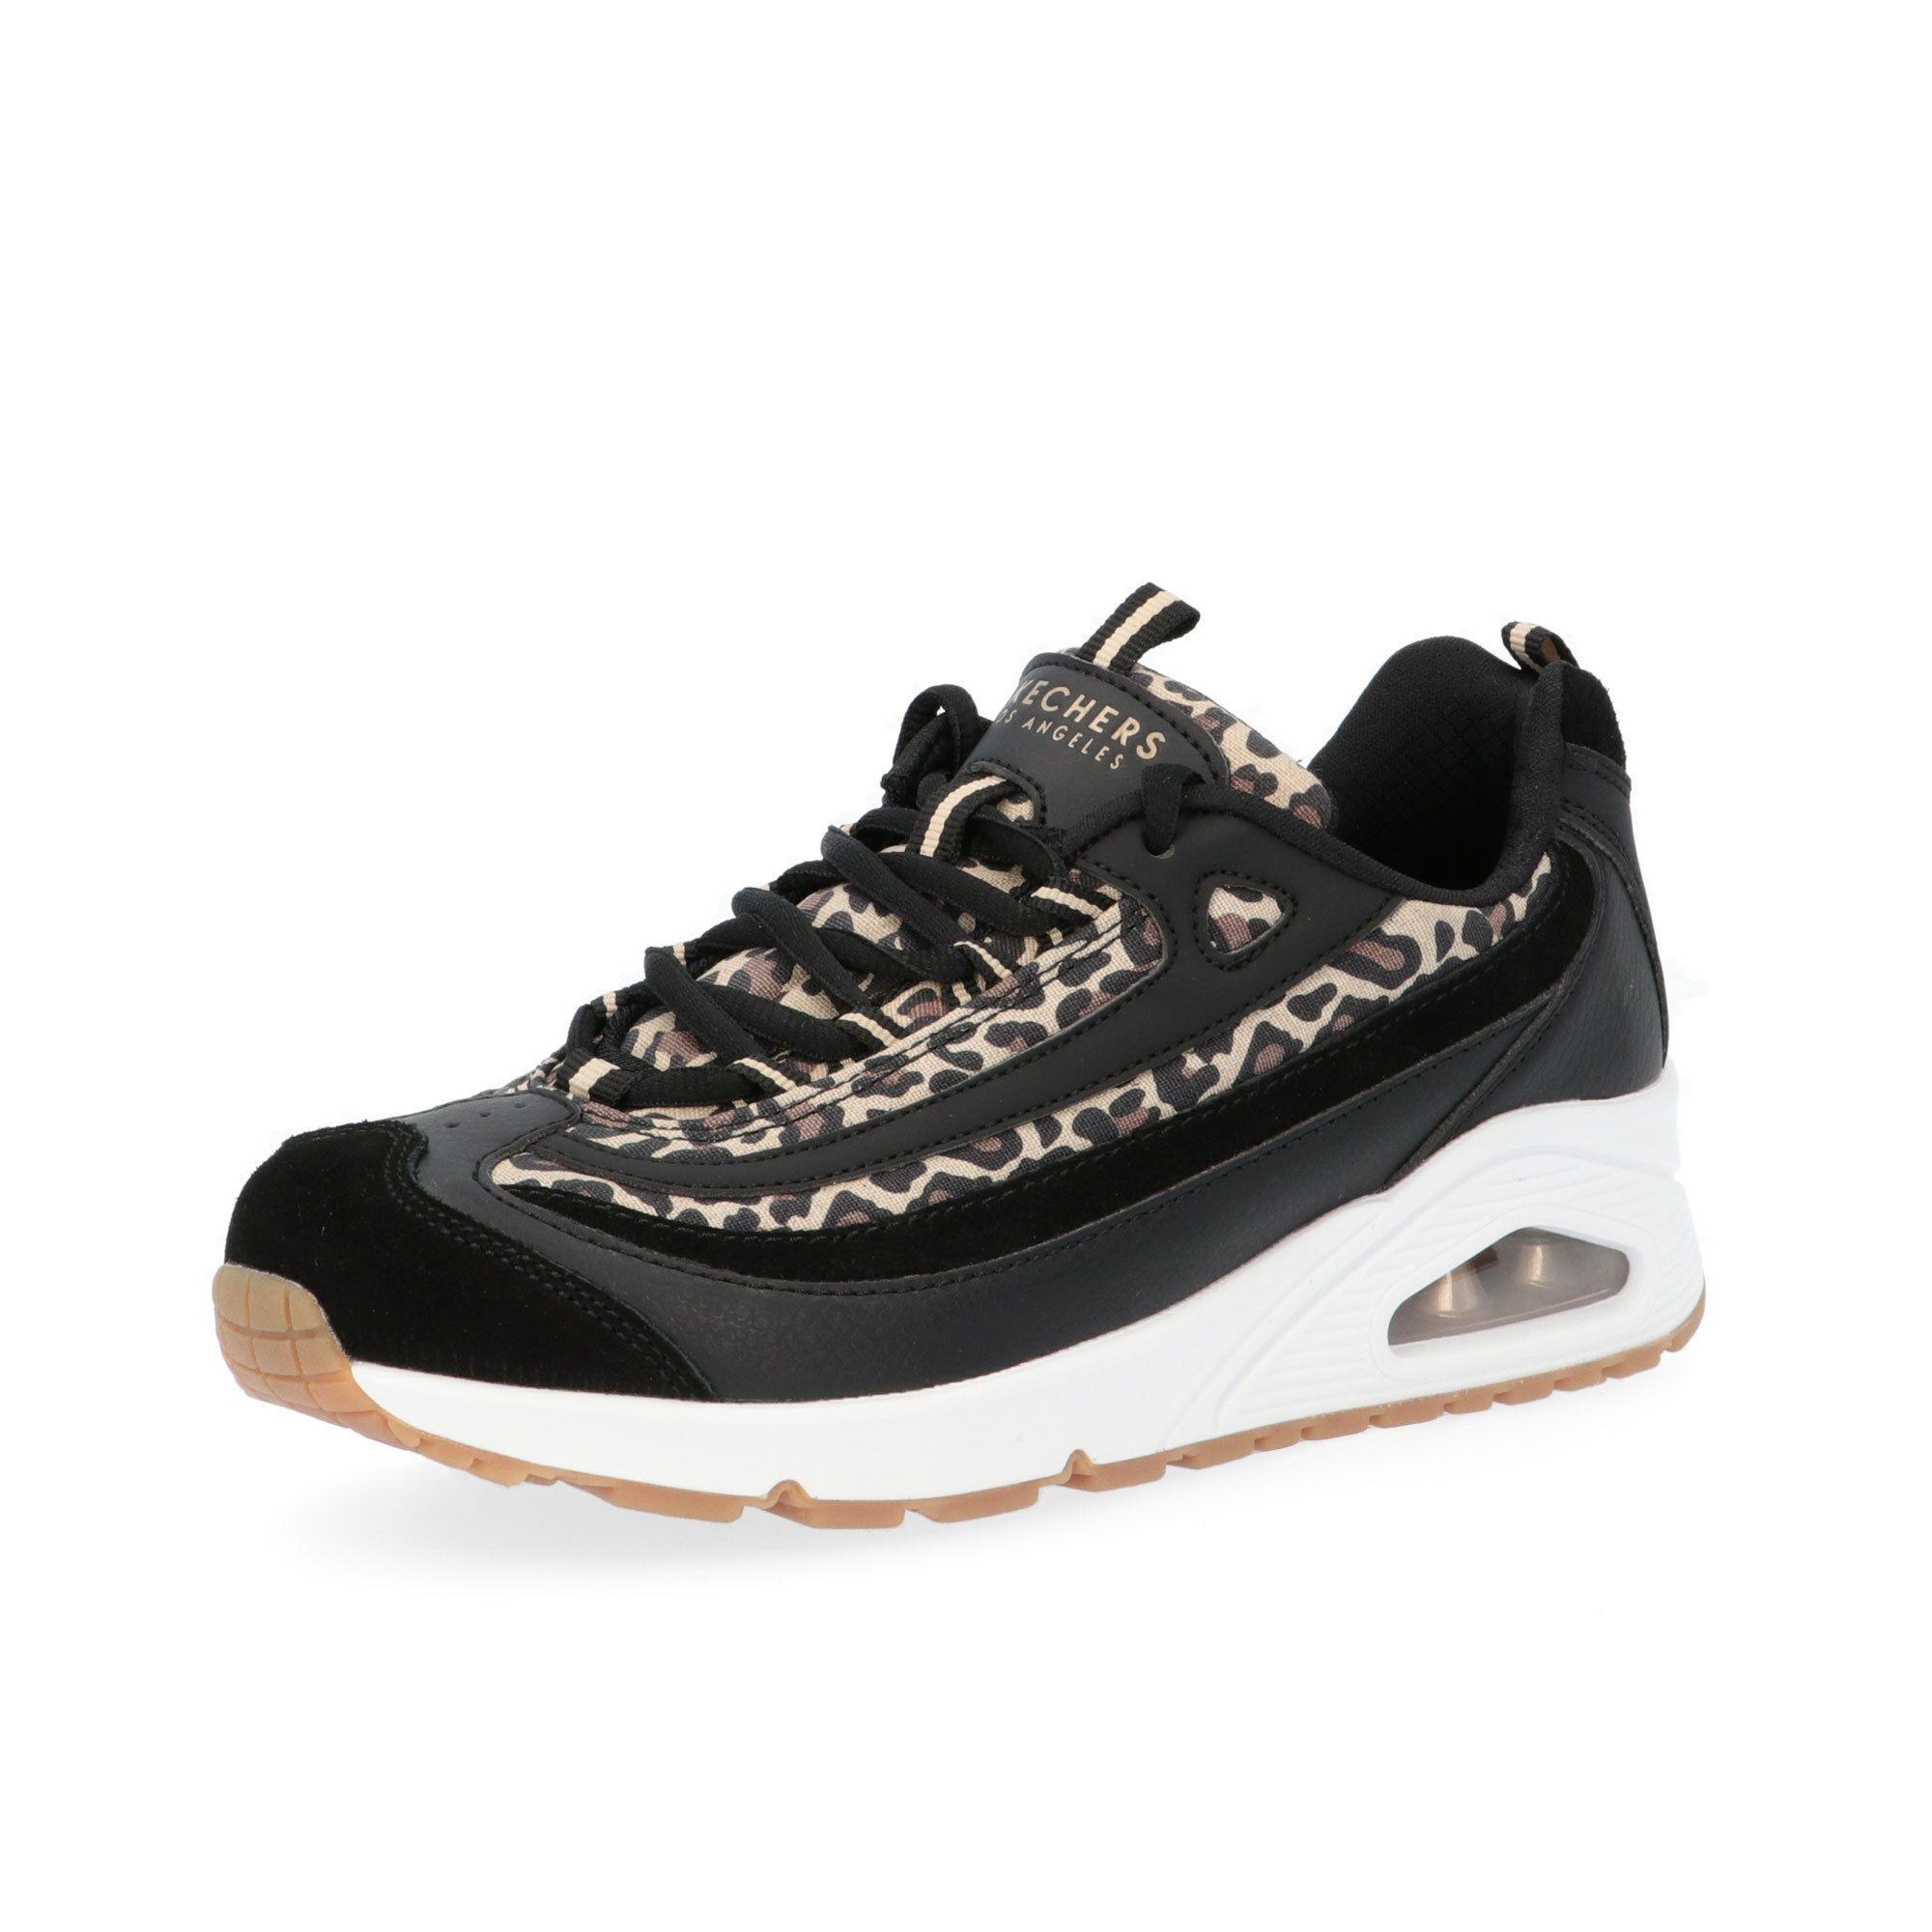 skechers sneaker uno leopardata con soletta memory foam